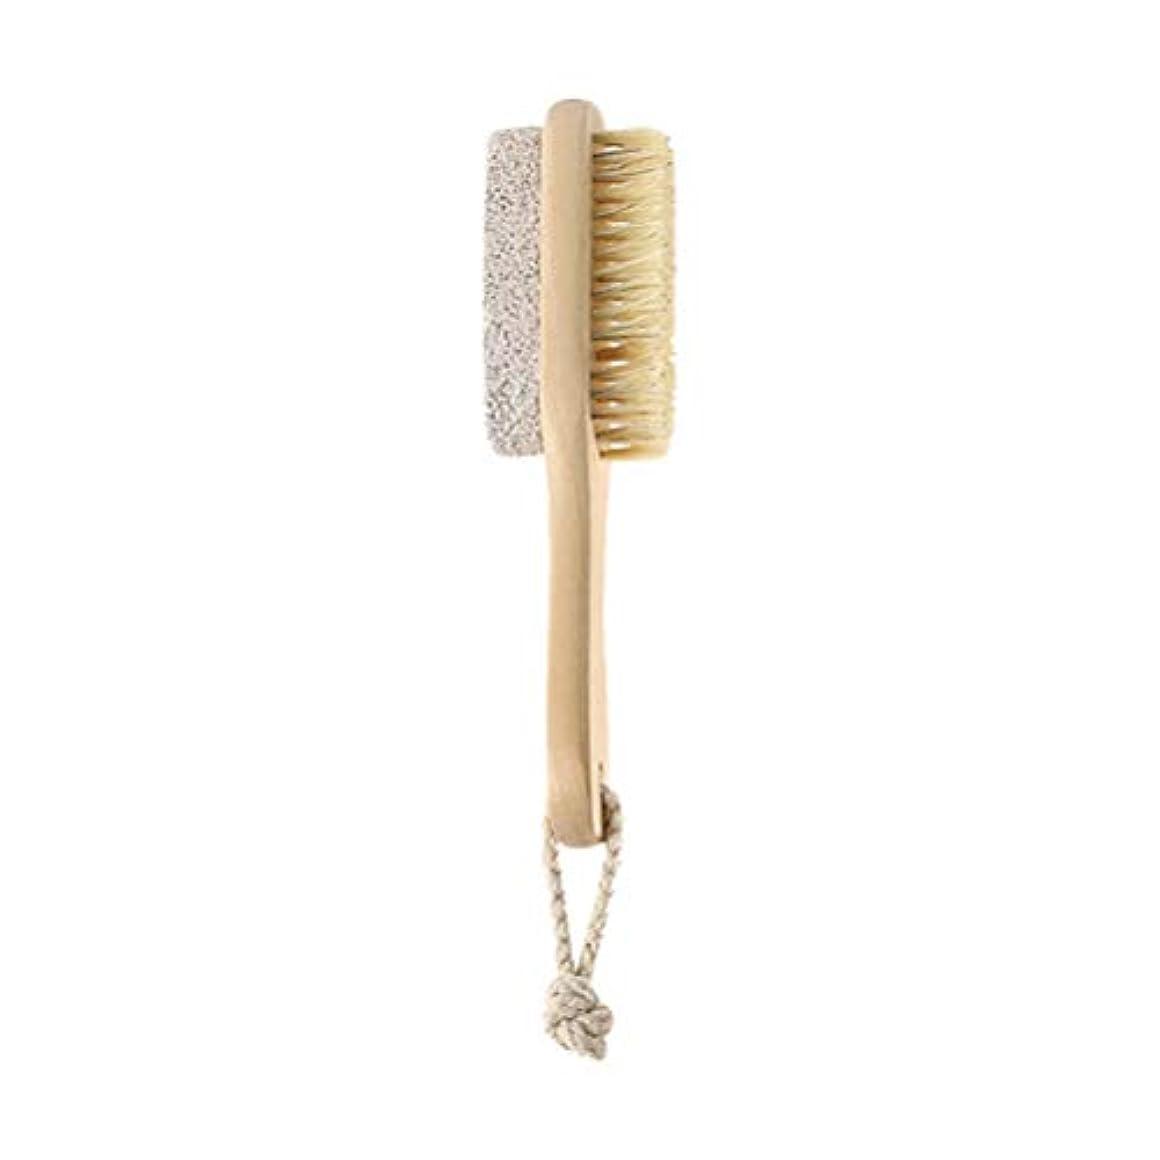 リネン透過性君主制HEALIFTY 自然な毛の足のやすりやすりのブラシの軽石の石のカルスの除去剤木製のハンドルが付いている死んだ皮の除去剤